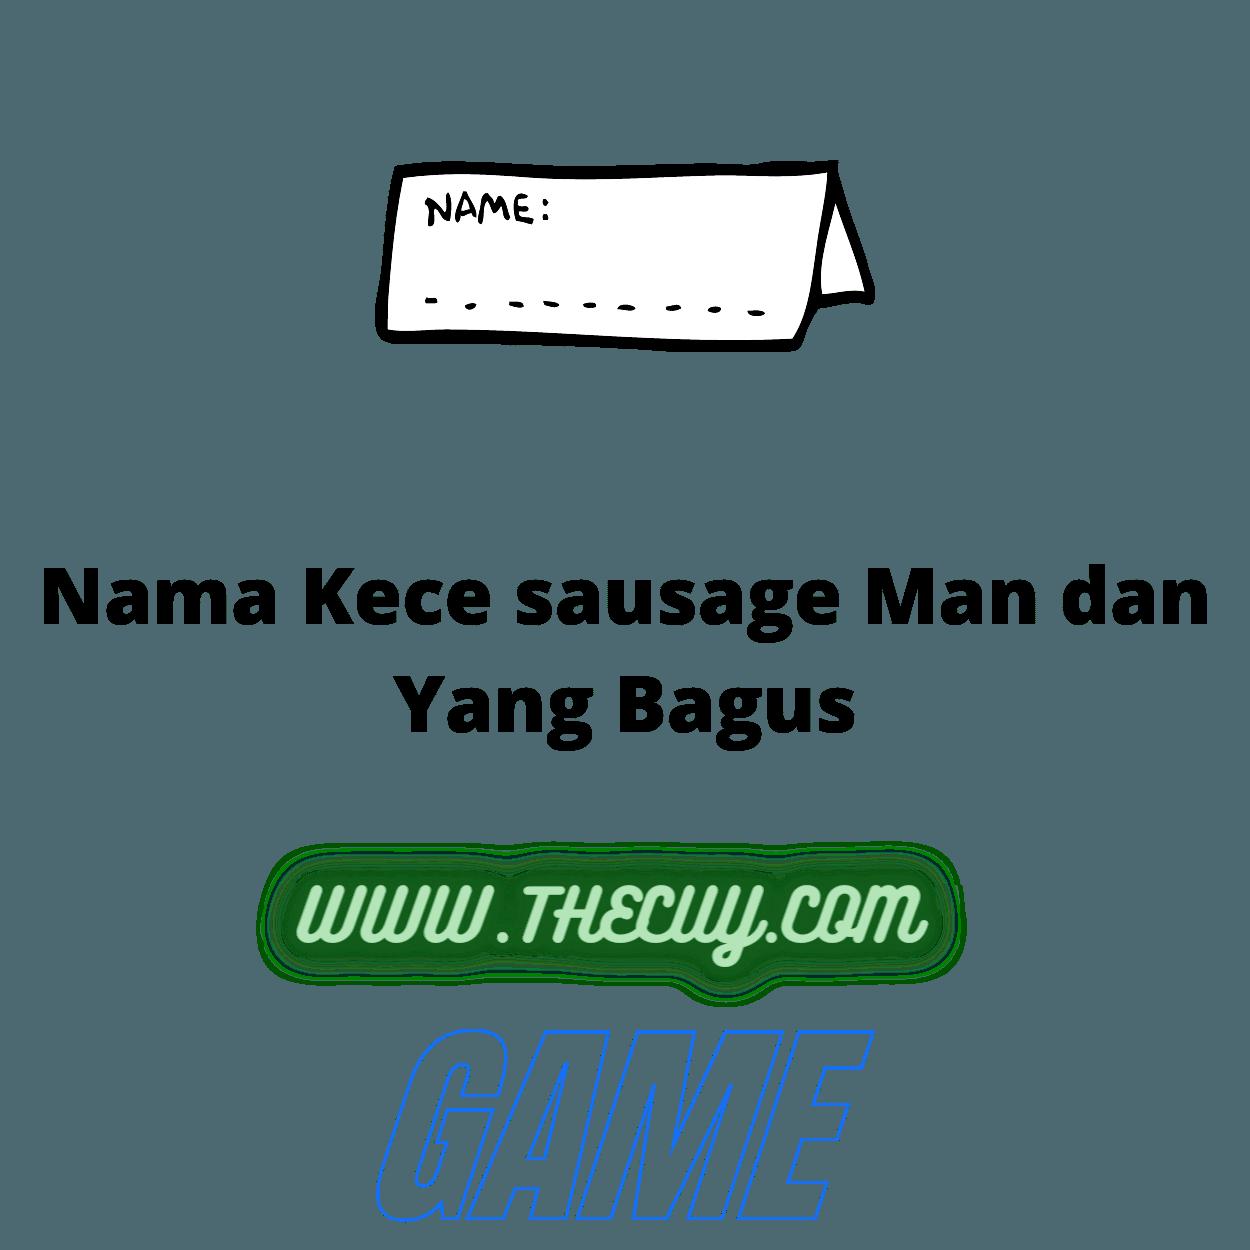 Nama Kece sausage Man dan Yang Bagus